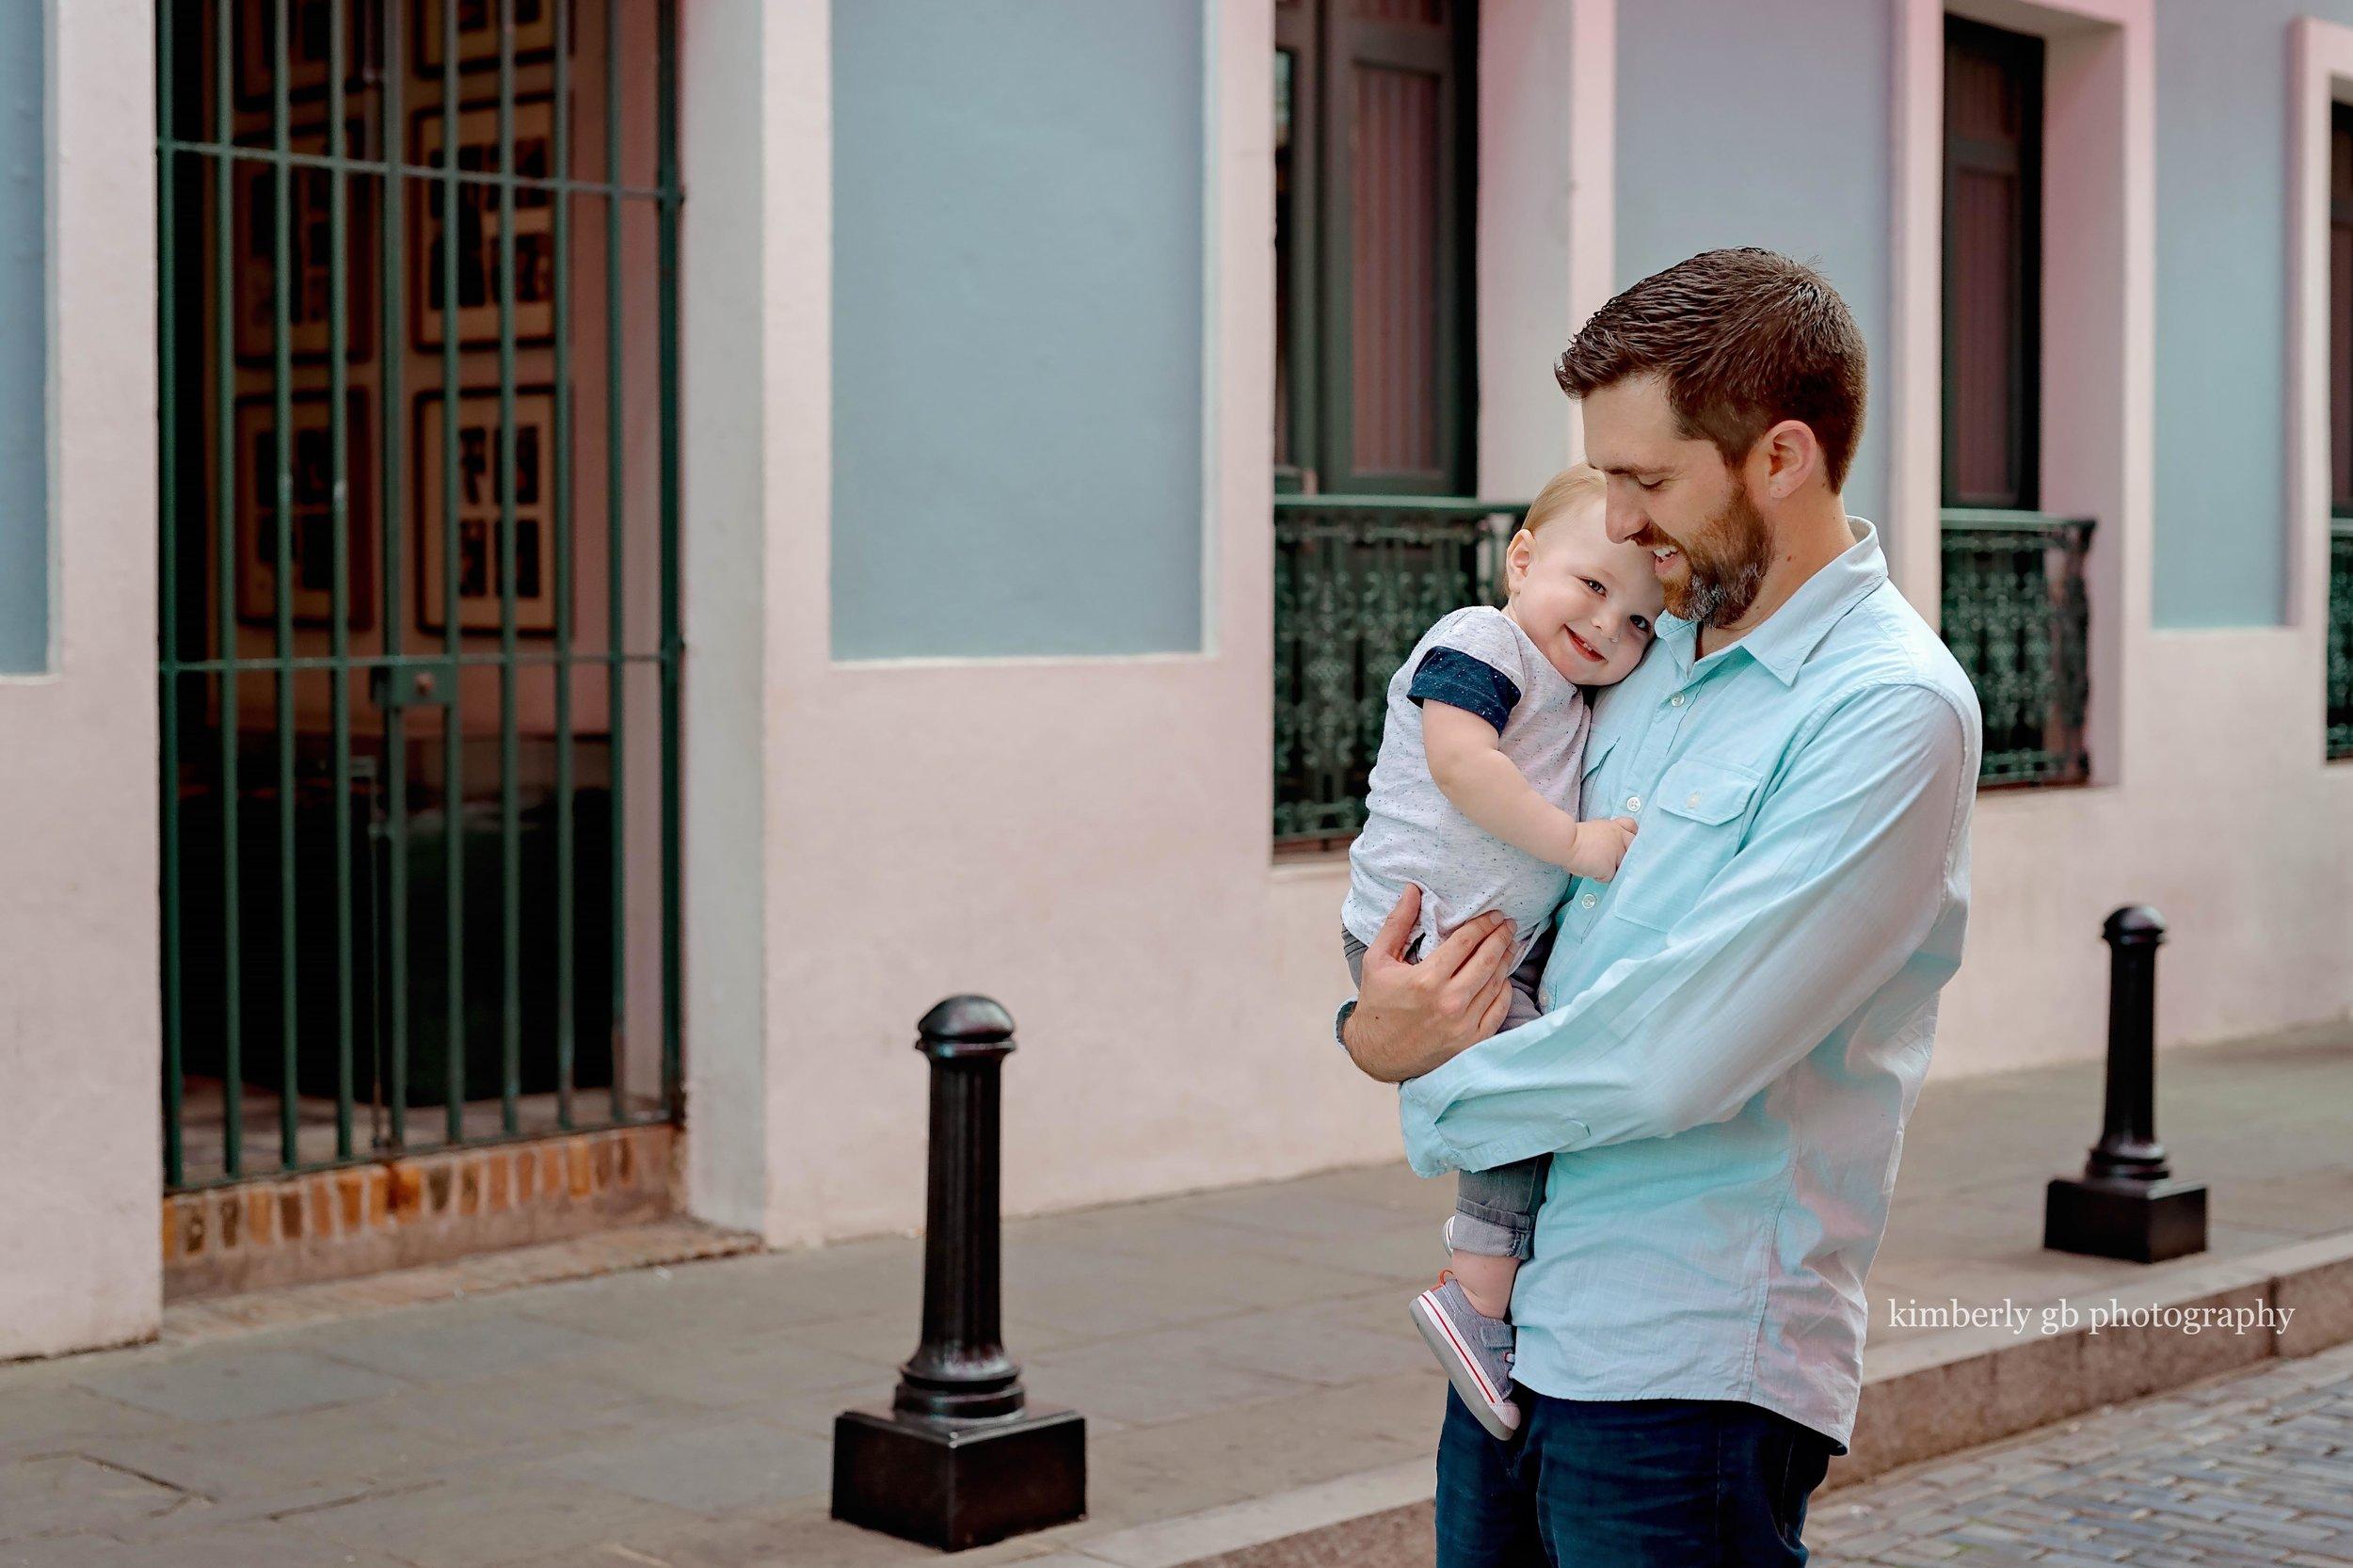 kimberly-gb-photography-fotografa-portrait-retrato-family-familia-puerto-rico-104.jpg